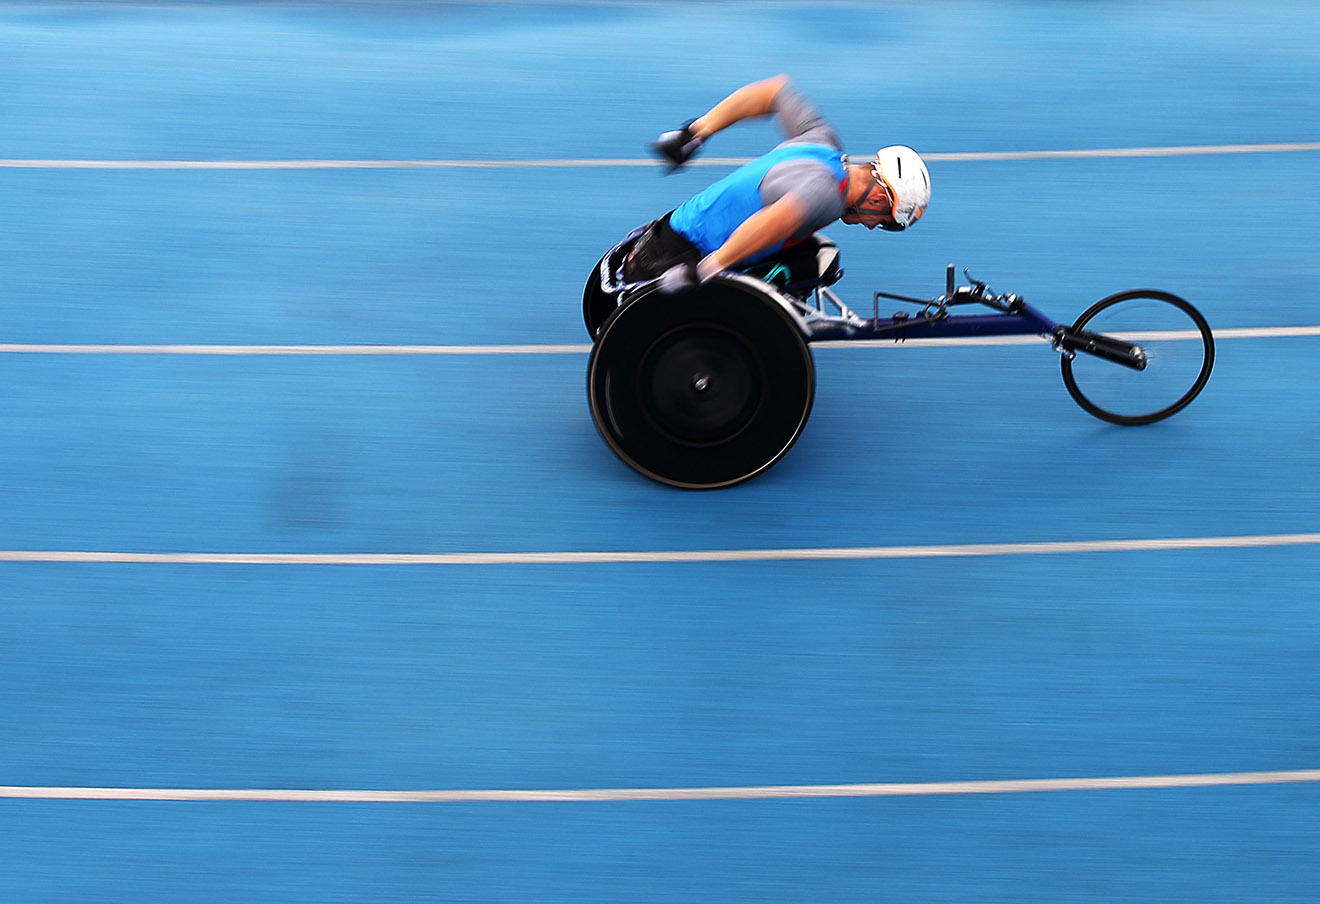 Спортсмен во время соревнований по легкой атлетике на Открытых всероссийских соревнованиях по видам спорта, входящих в программу Паралимпийских игр, 8 сентября 2016 года. Фото: Артем Коротаев / ТАСС